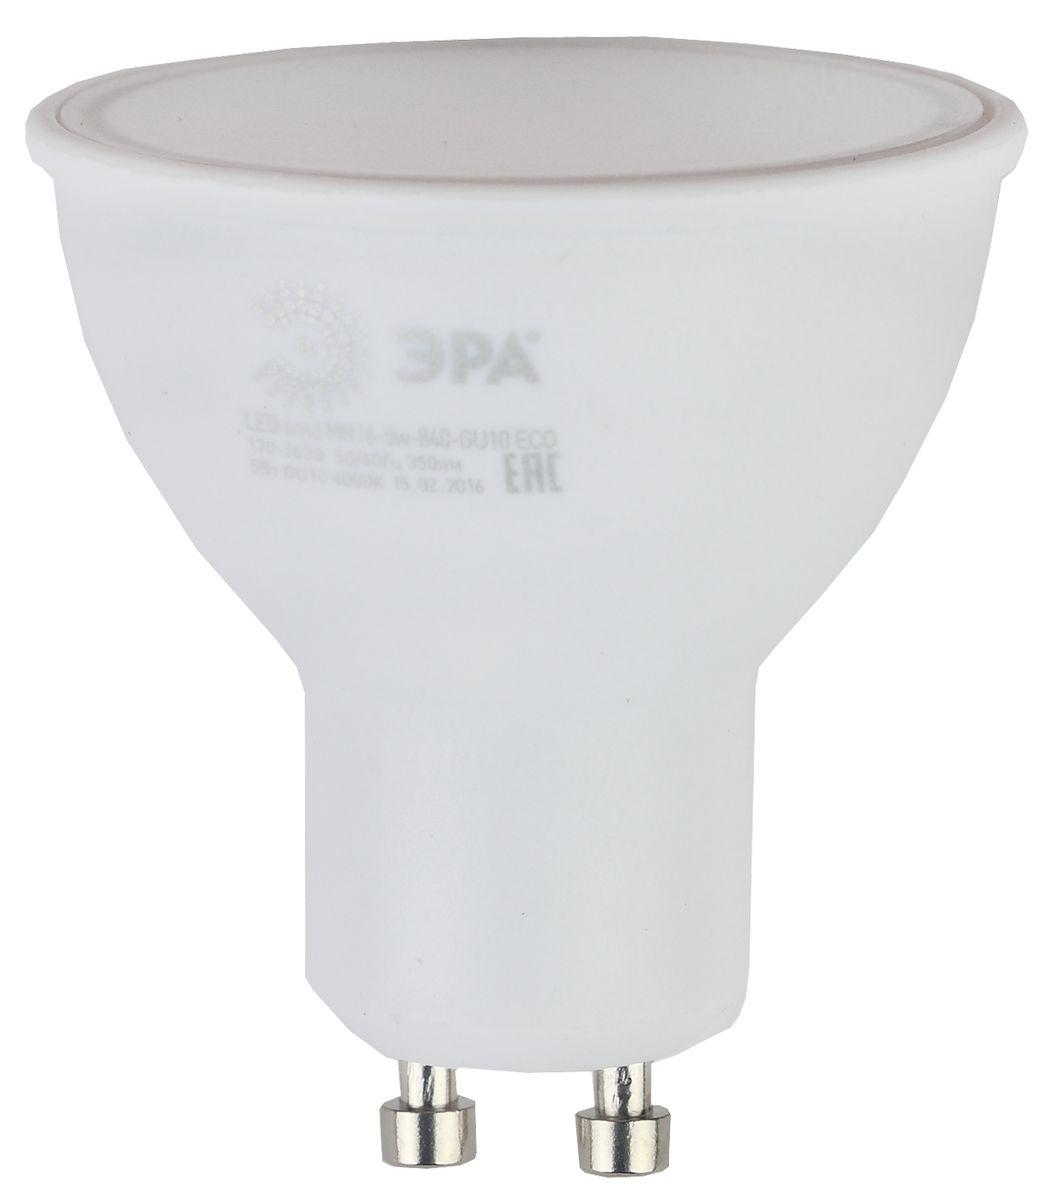 Лампа светодиодная ЭРА, цоколь GU10, 170-265V, 5W, 2700К. Б00190625055945536454Светодиодная лампа ЭРА является самым перспективным источником света. Основным преимуществом данного источника света является длительный срок службы и очень низкое энергопотребление, так, например, по сравнению с обычной лампой накаливания светодиодная лампа служит в среднем в 50 раз дольше и потребляет в 10-15 раз меньше электроэнергии. При этом светодиодная лампа практически не подвержена механическому воздействию из-за прочной конструкции и позволяет получить любой цвет светового потока, что, несомненно, расширяет возможности применения и позволяет создавать новые решения в области освещения.Особенности серии Eco:Предназначена для обычного потребителяЦена ниже, чем цена компактной люминесцентной лампыСветовая отдача источников света - 70-80 лм/ВтСрок службы составляет 25000 часовГарантия - 1 год. Работа в цепи с выключателем с подсветкой не рекомендована.